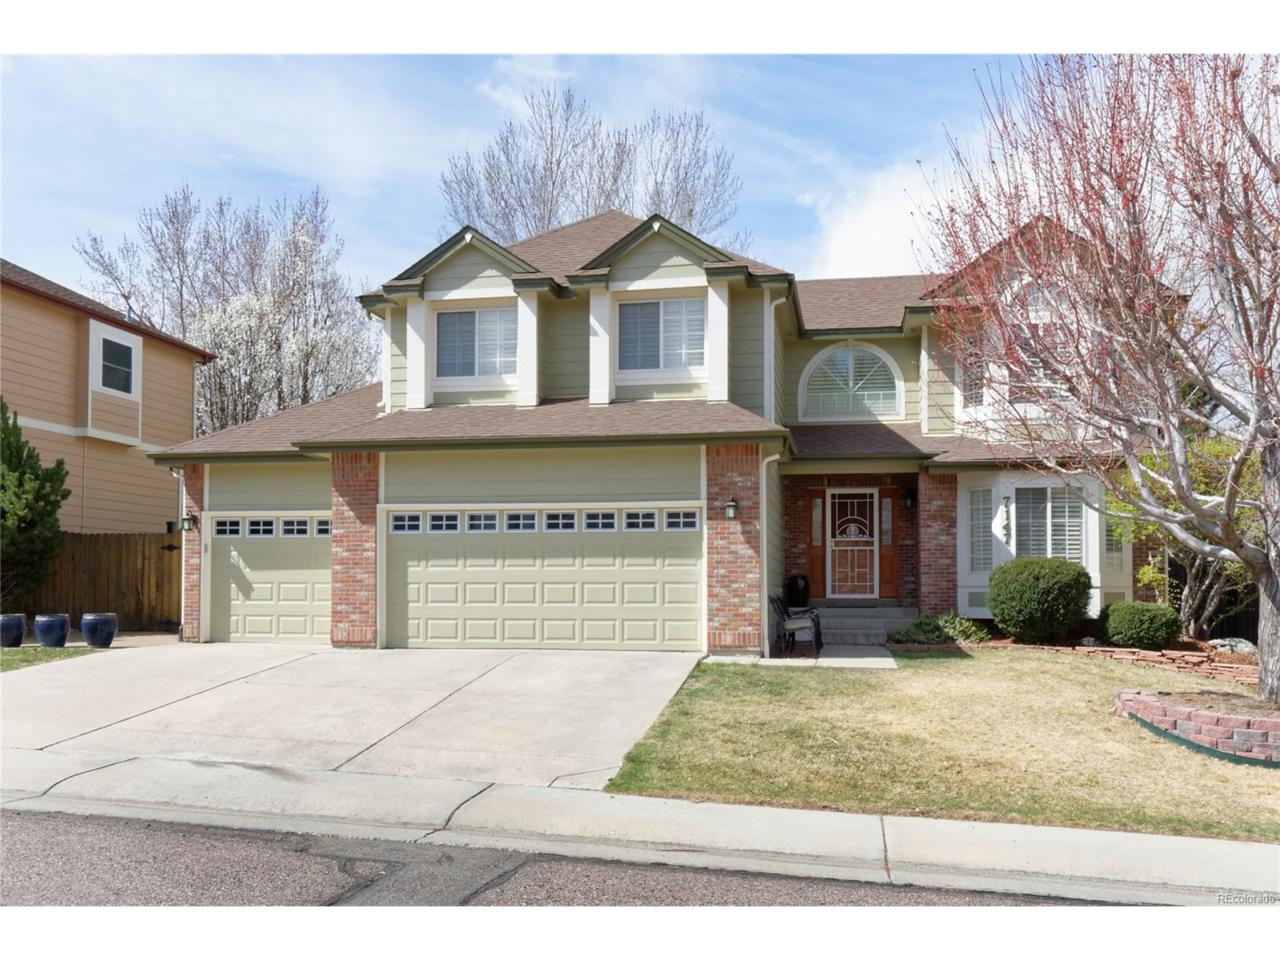 7147 S Acoma Street, Littleton, CO 80120 (MLS #9277118) :: 8z Real Estate